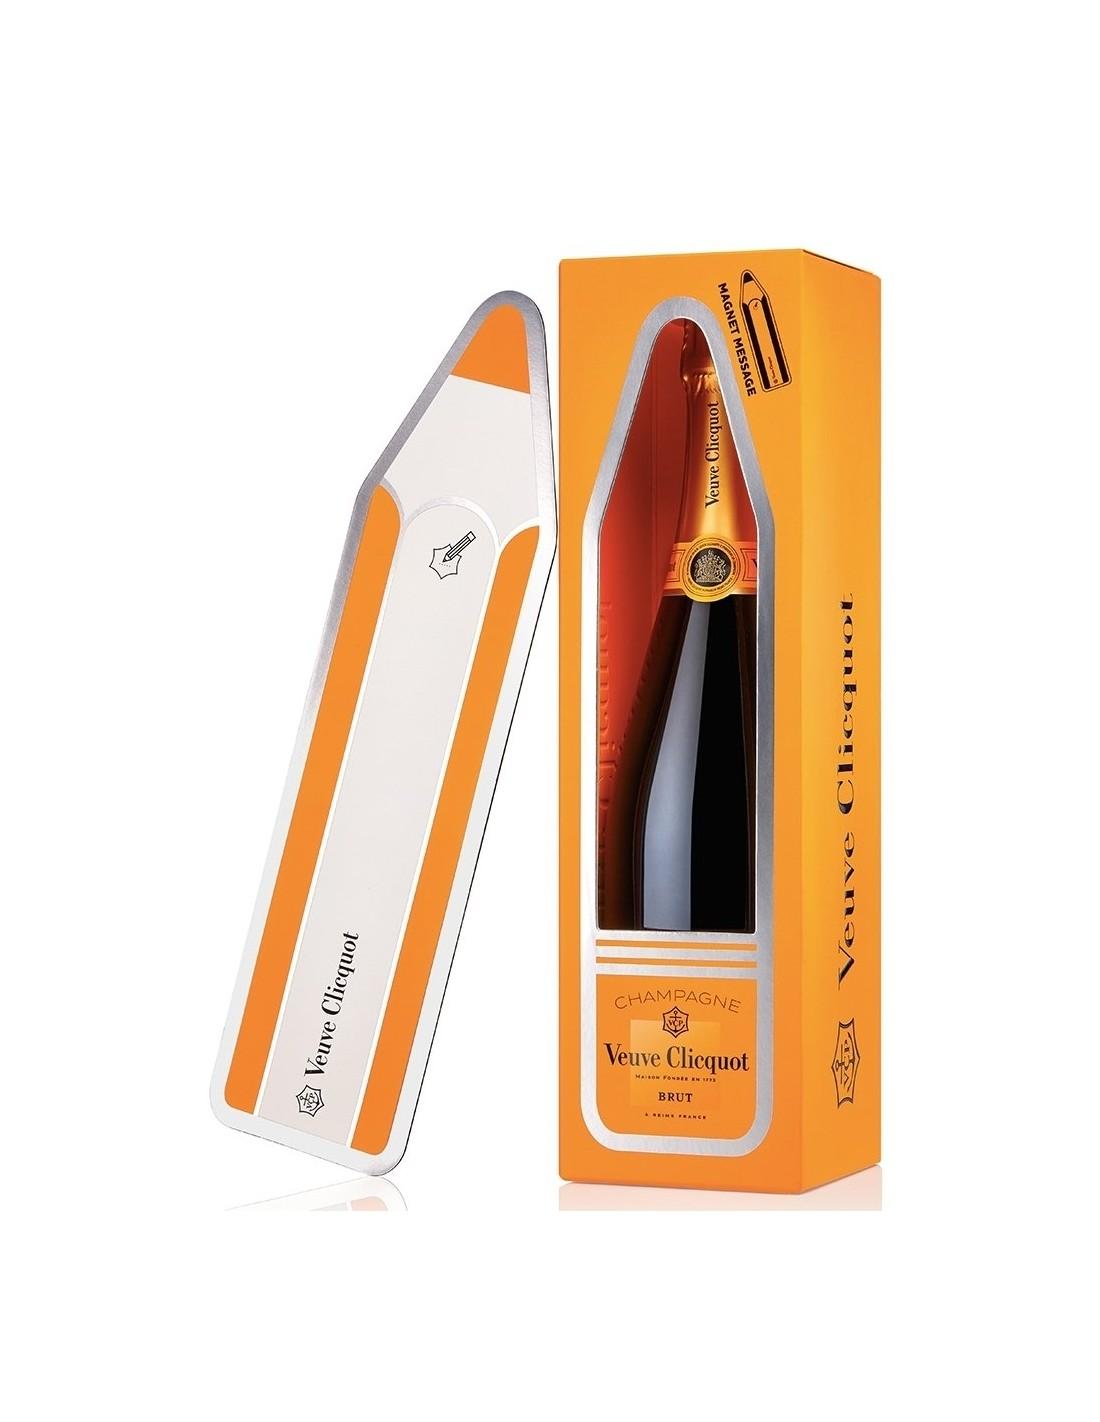 Sampanie, Veuve Clicquot Magnetic Message Champagne, 0.75L, 12% alc., Franta